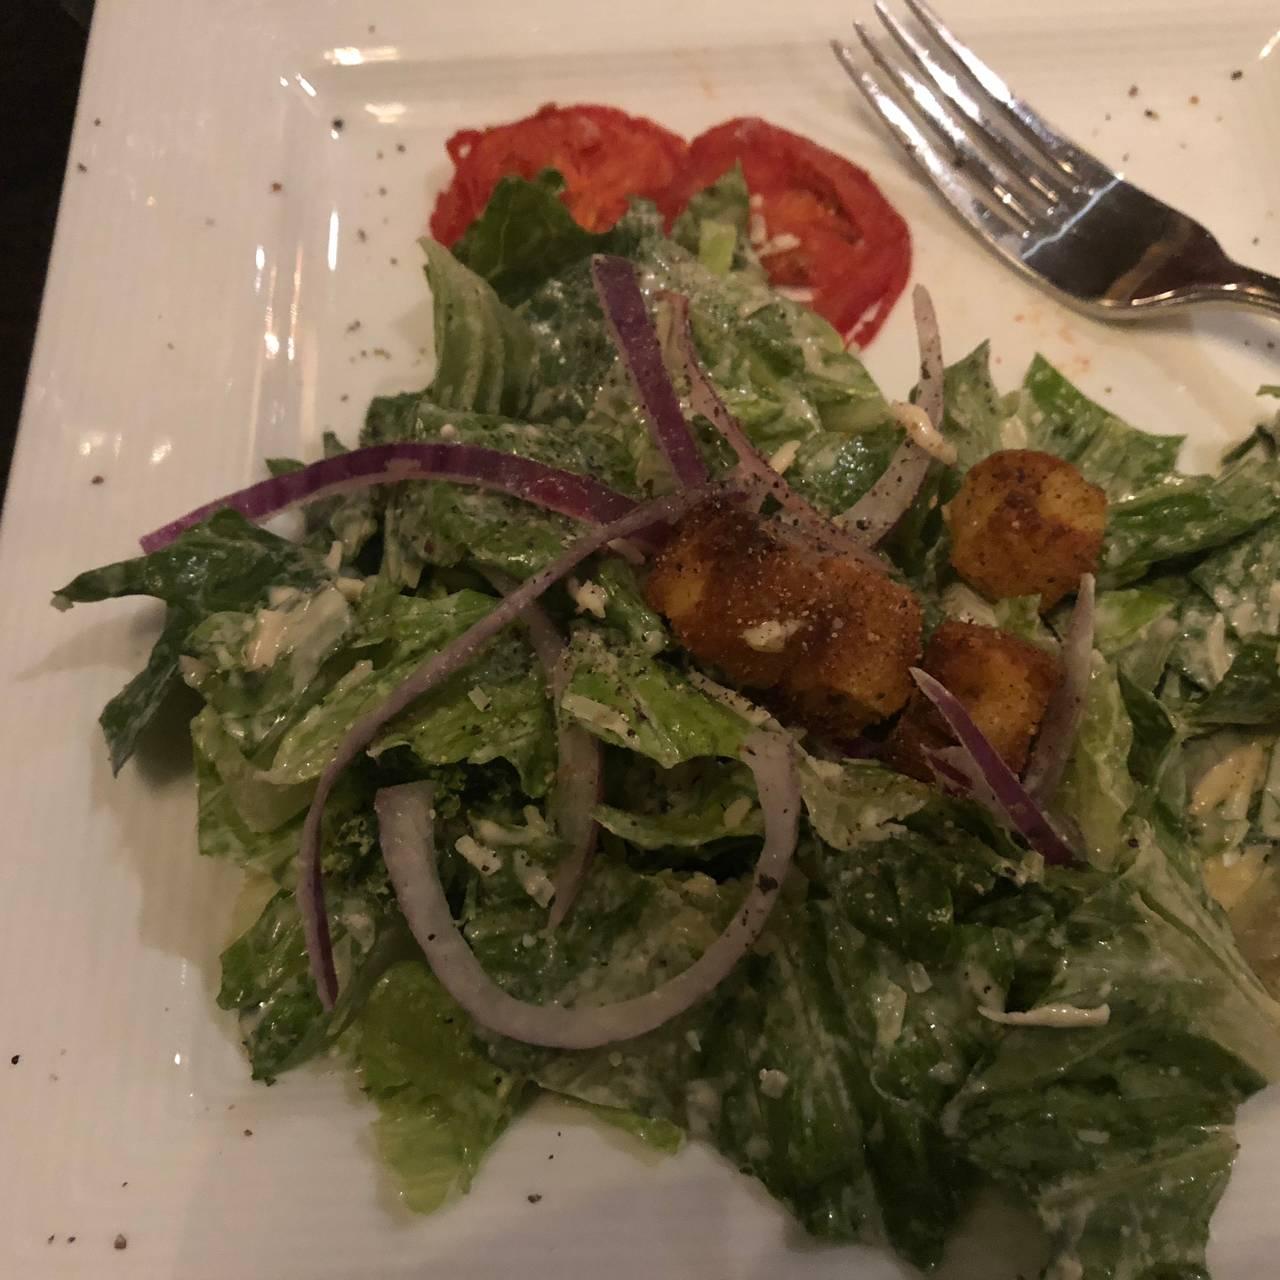 Kitchen 919 Restaurant - Knoxville, TN | OpenTable